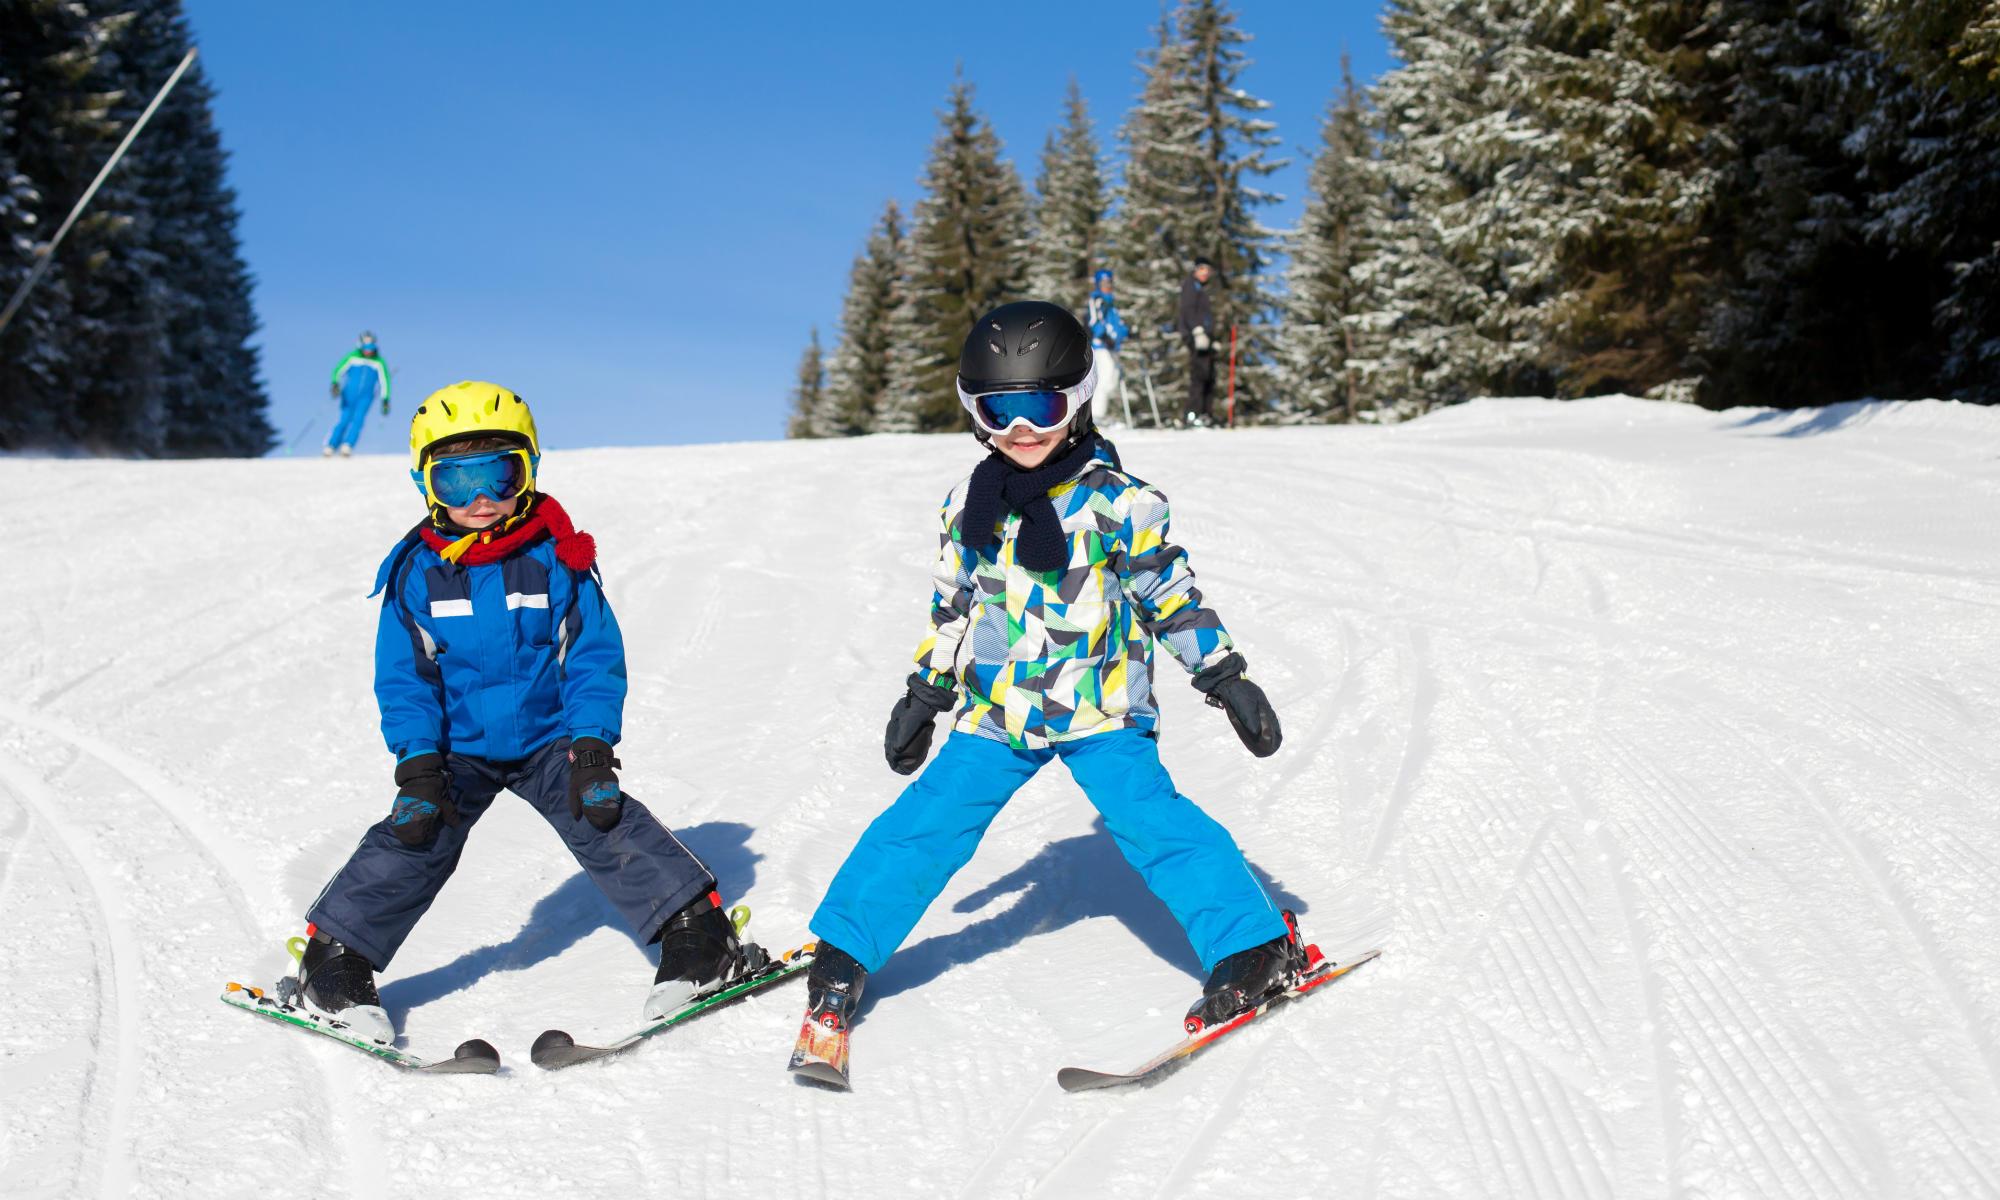 Che si tratti di bambini o adulti, imparare a sciare è meglio farlo con uno spazzaneve.